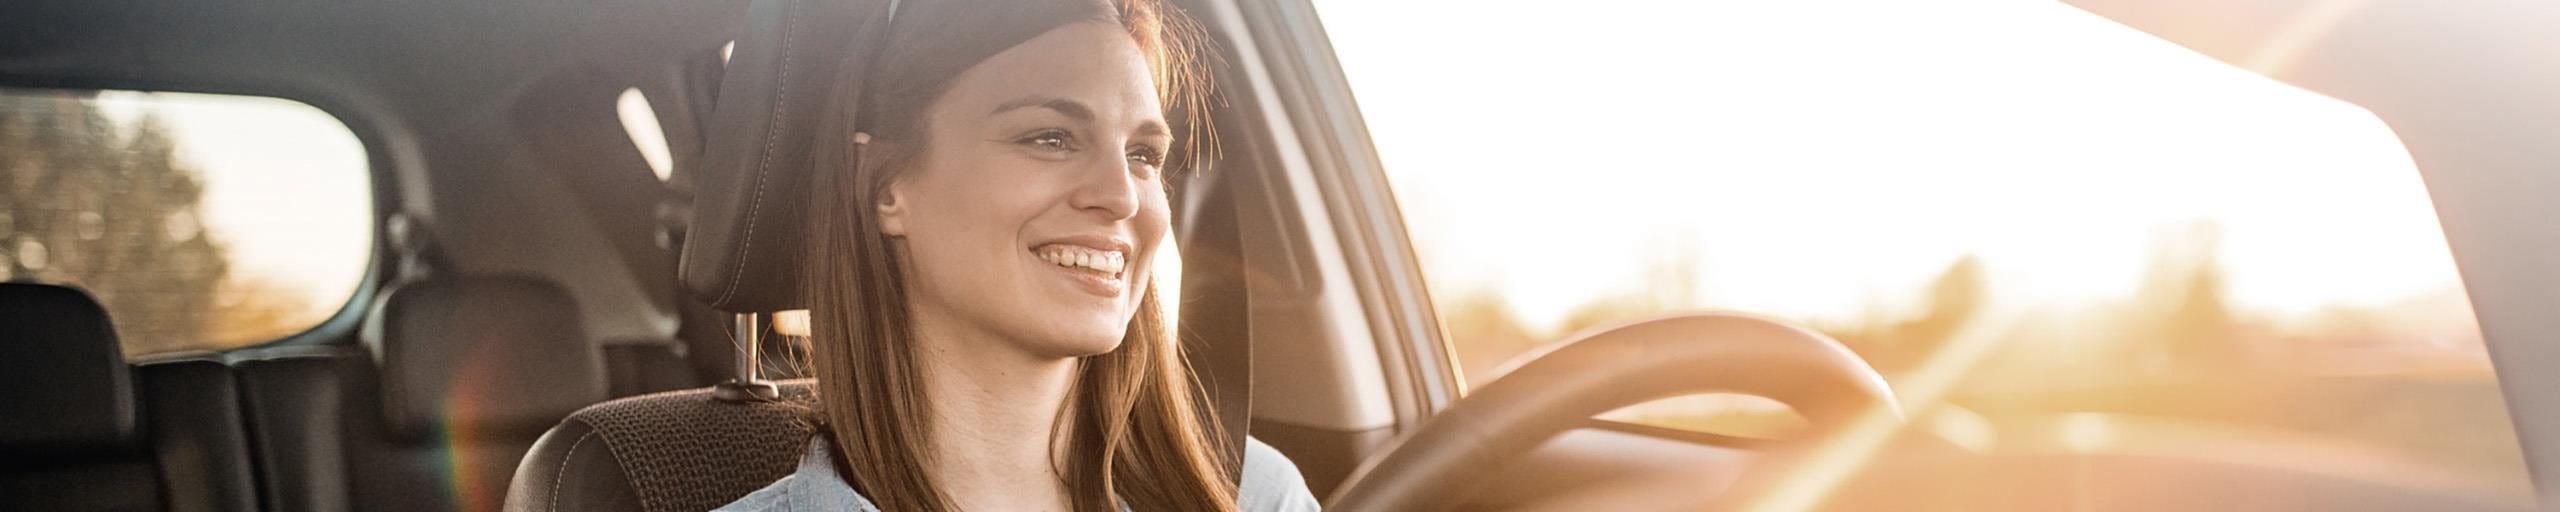 Giovane donna seduta al volante di una macchina